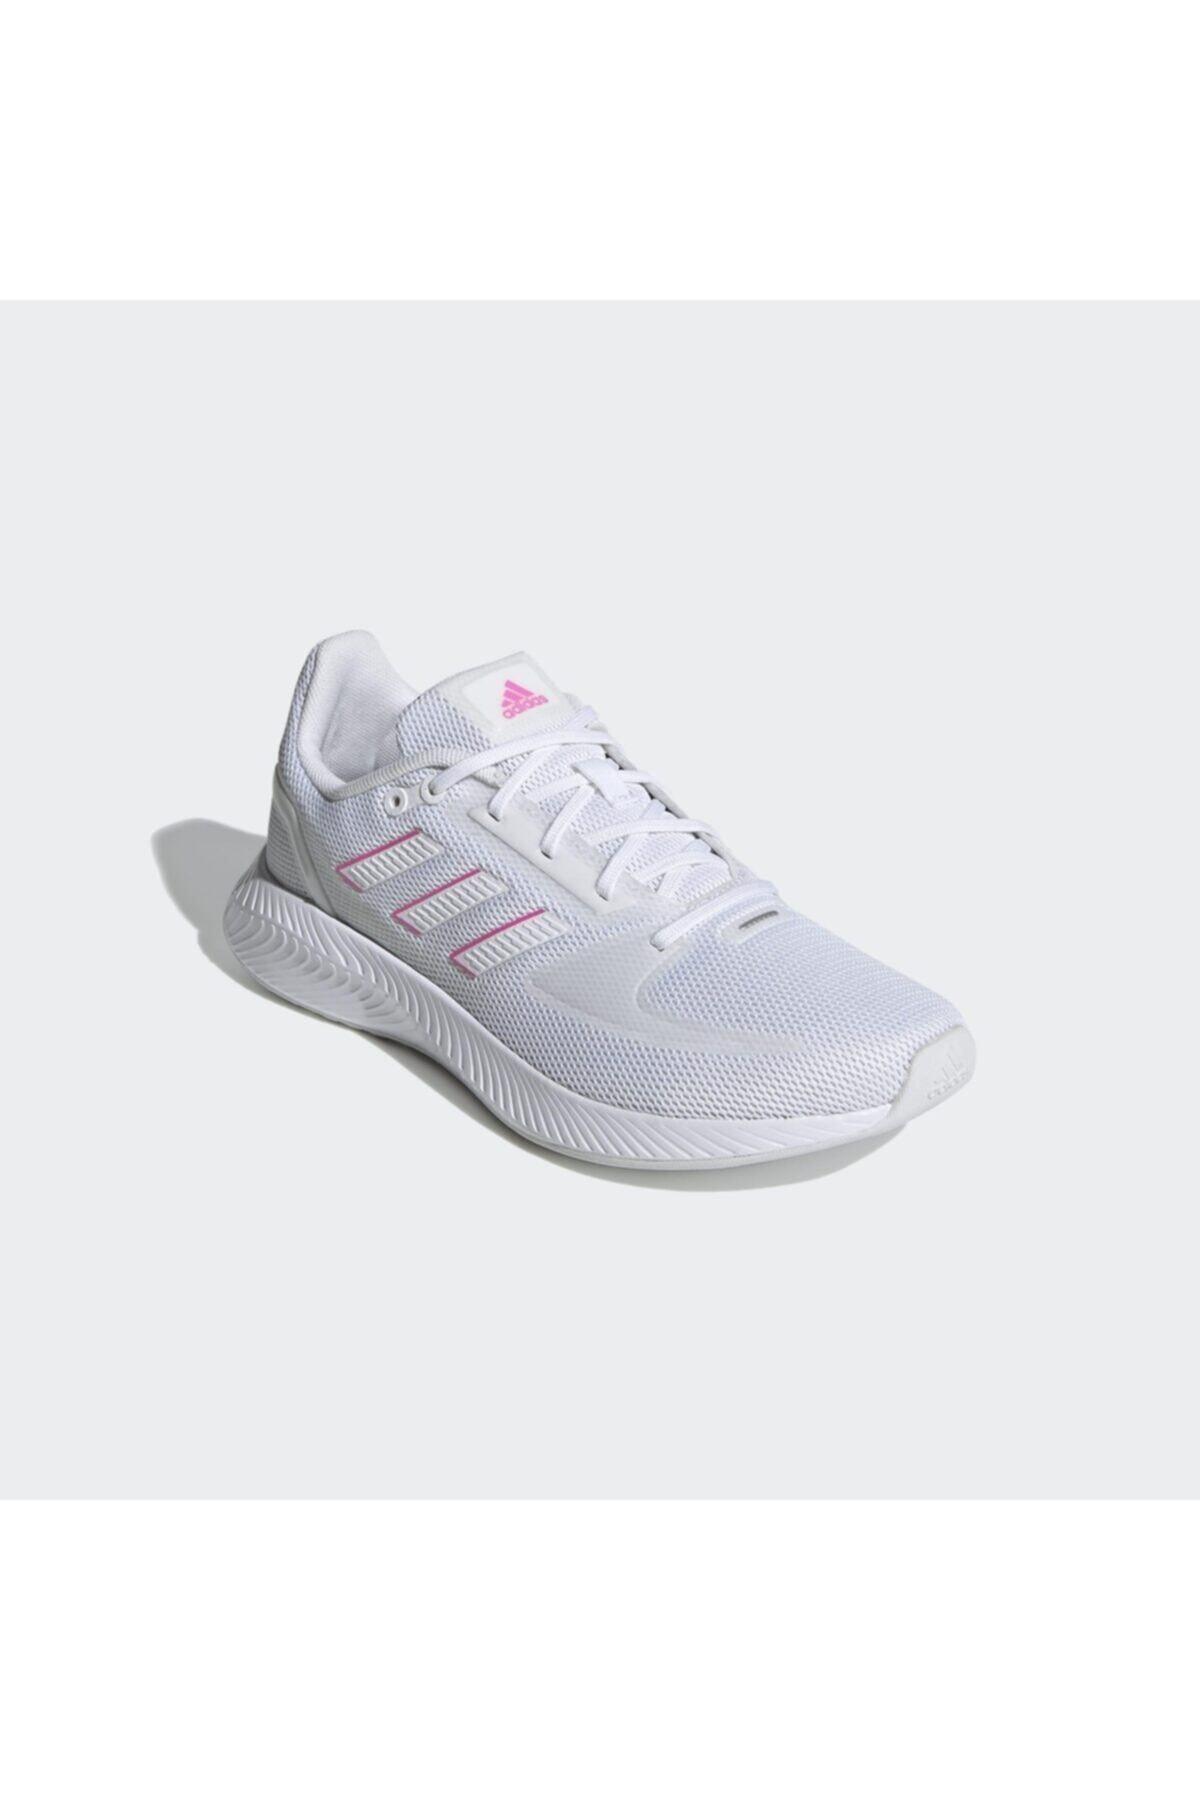 RUNFALCON 2.0 Beyaz Kadın Koşu Ayakkabısı 101079827